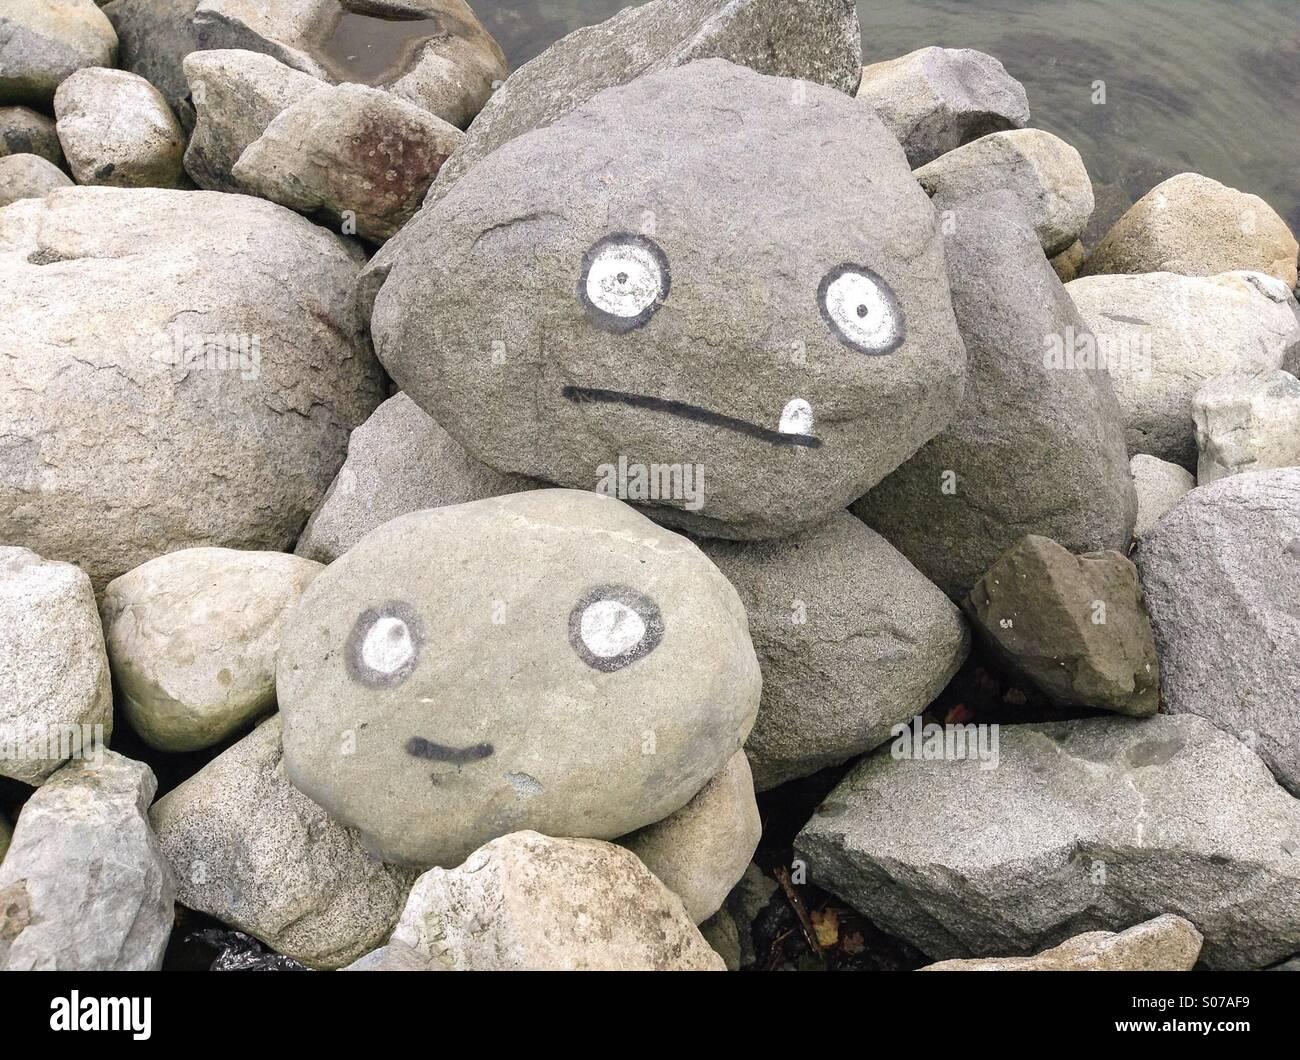 Apedrearon las caras, las rocas con sus caras pintadas Imagen De Stock